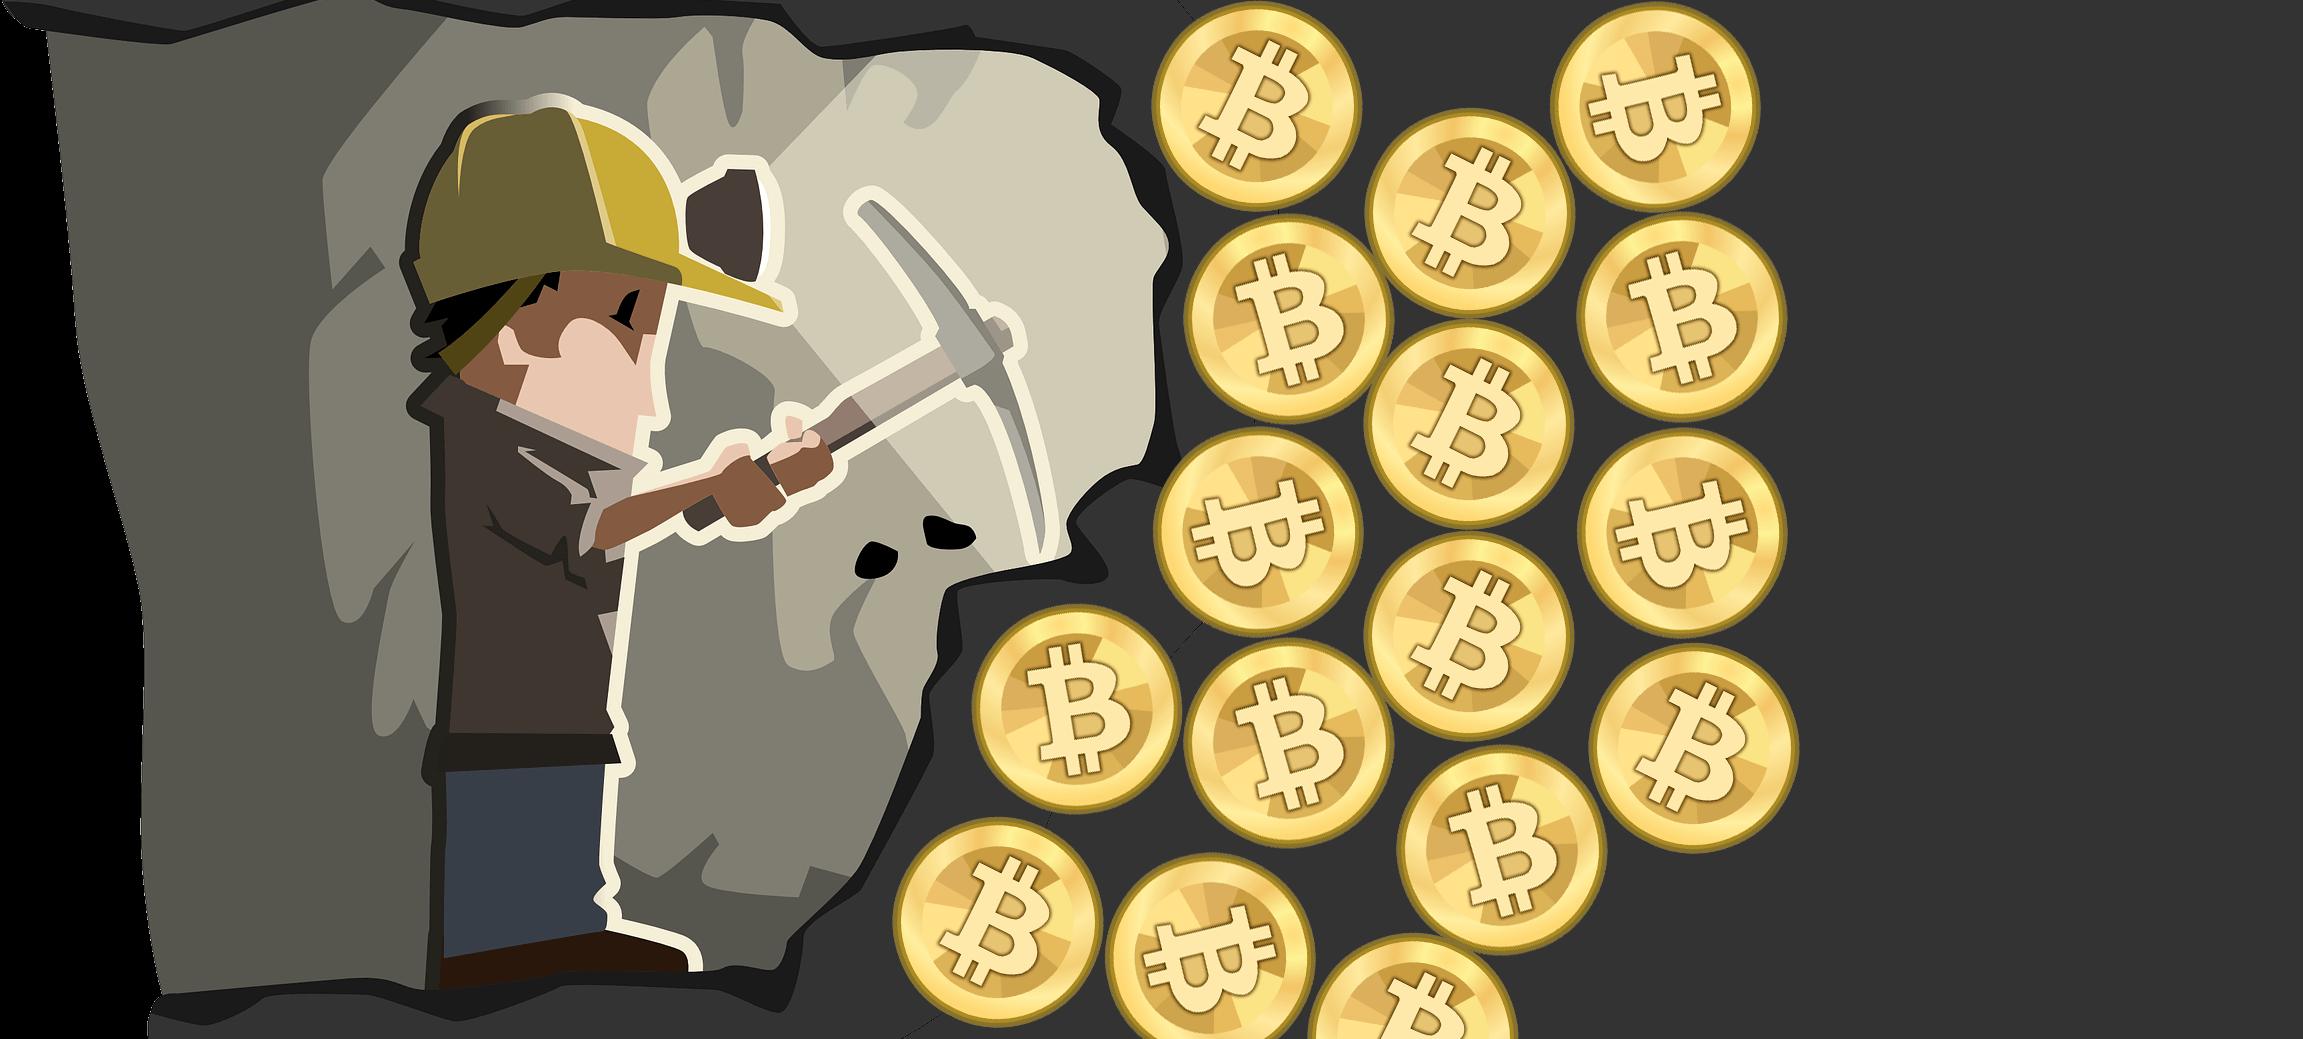 Bitcoin Mining - Was ist das